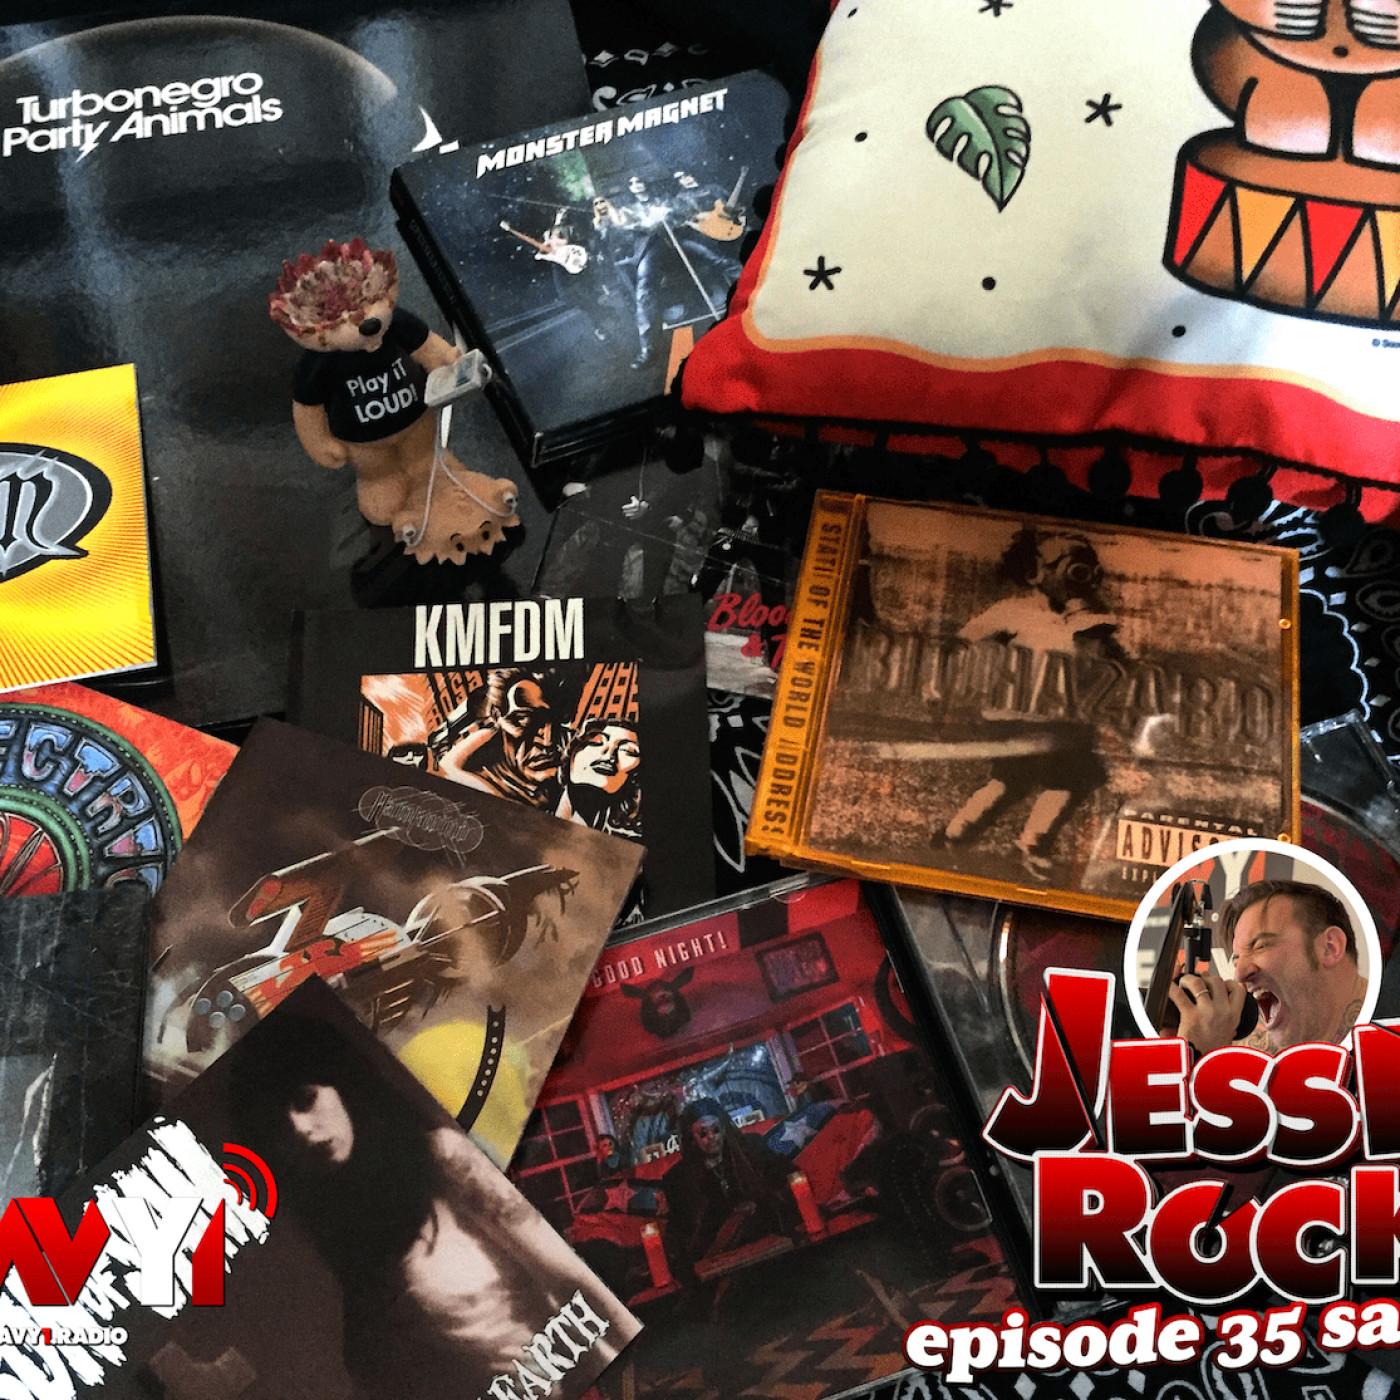 Jesse Rocks #35 Saison 3